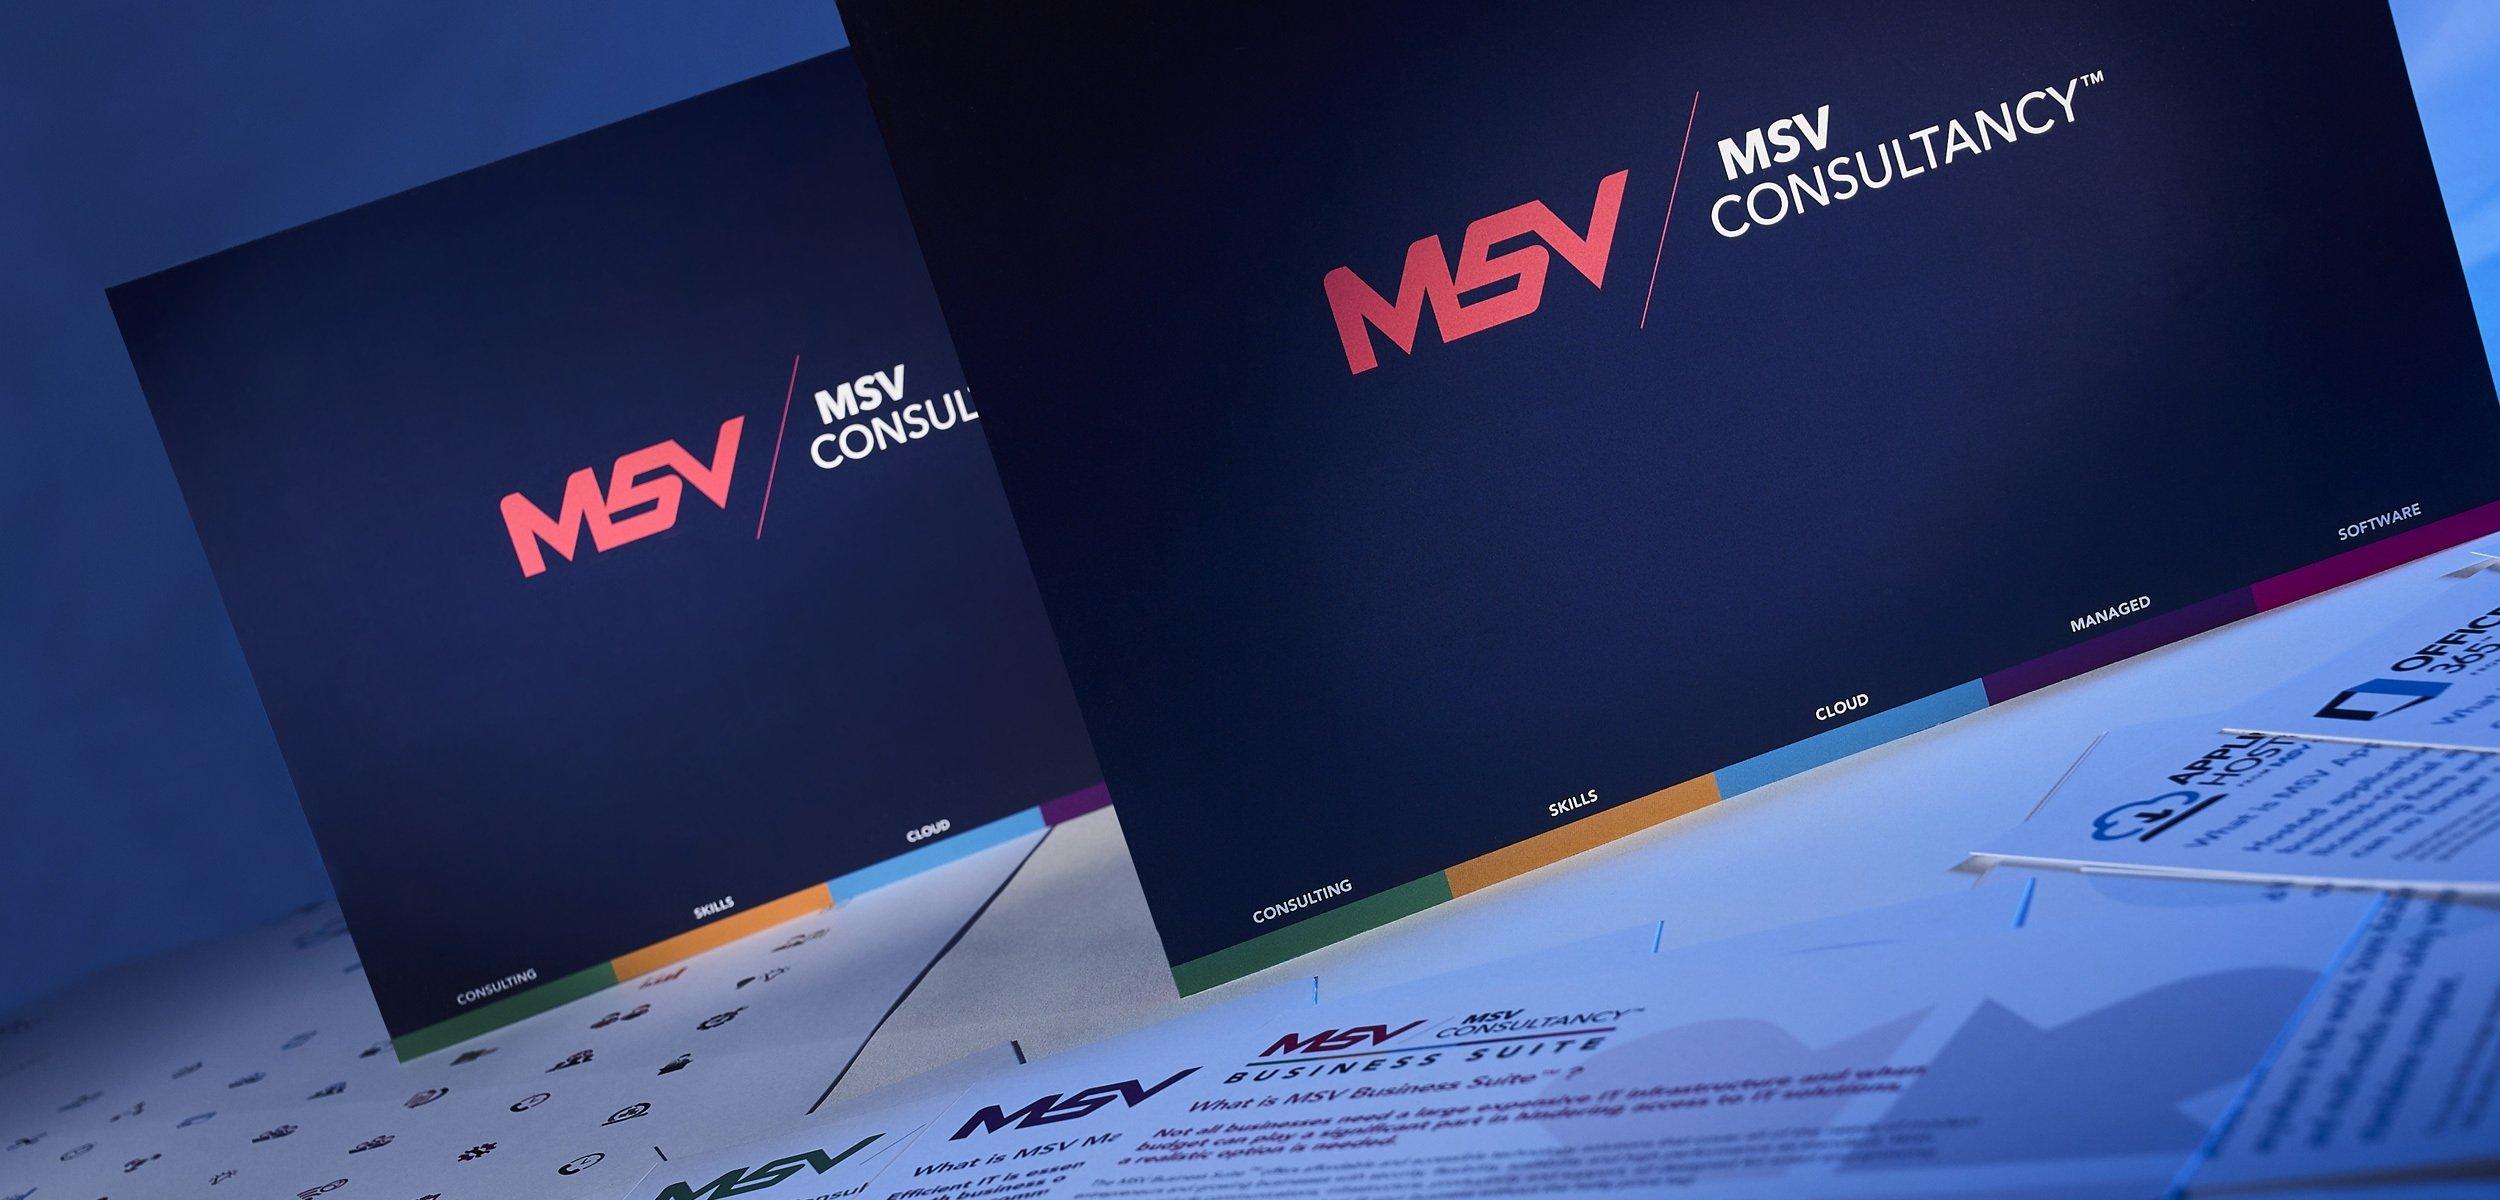 Msv Brand 1